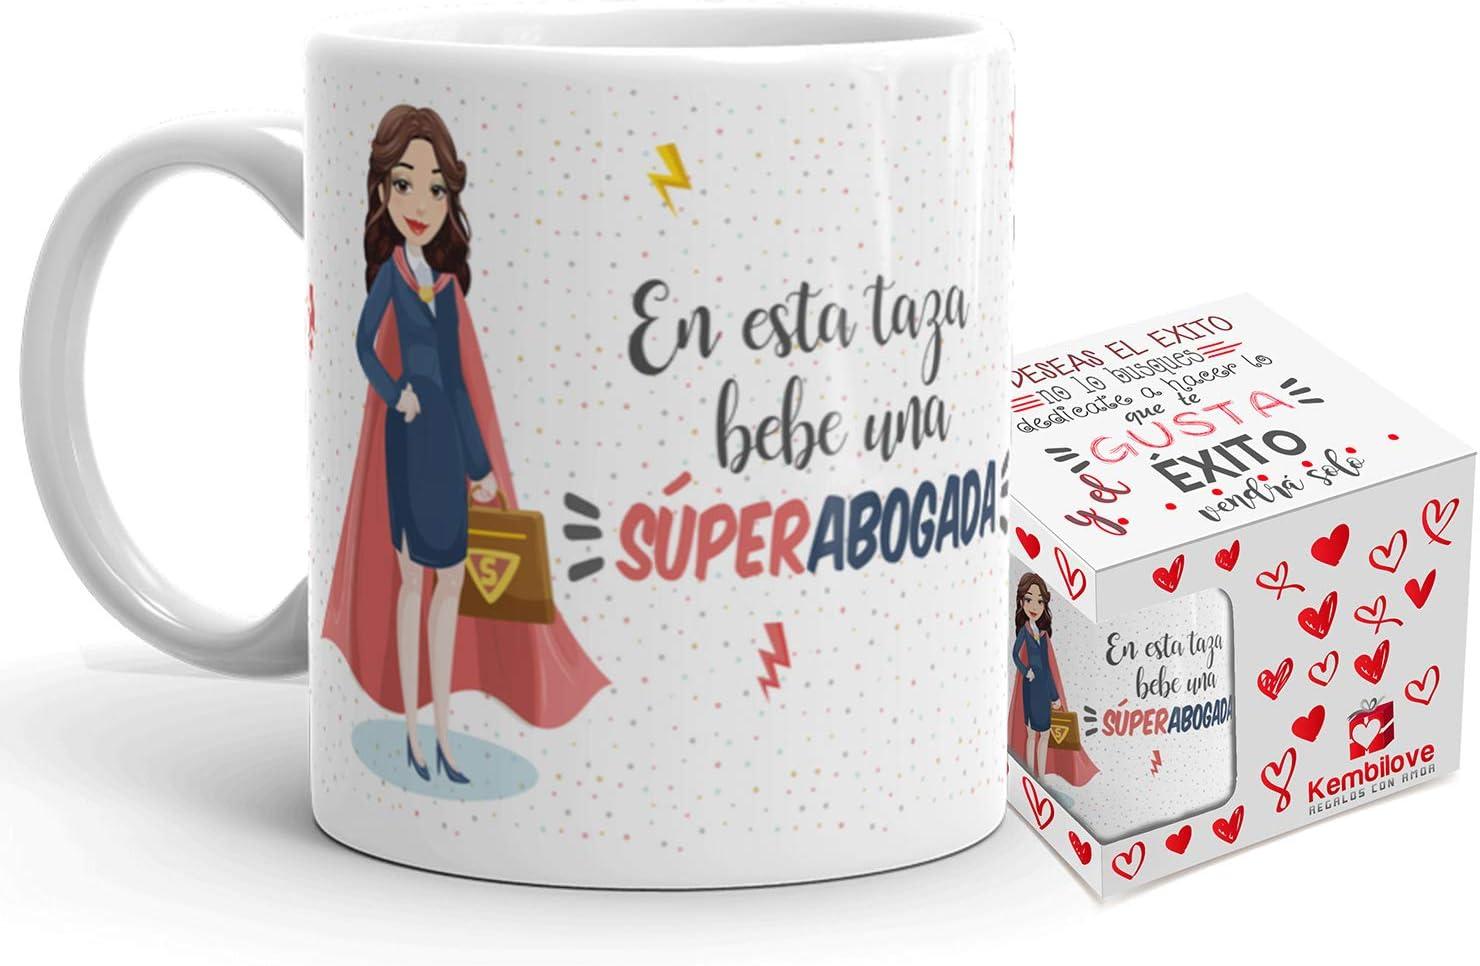 Kembilove Taza de Café Abogada – En esta taza bebe un Súper Abogada – Taza de Desayuno para la Oficina – Taza de Café y Té para Profesionales – Taza de Cerámica Impresa – Tazas de 350 ml para Abogadas